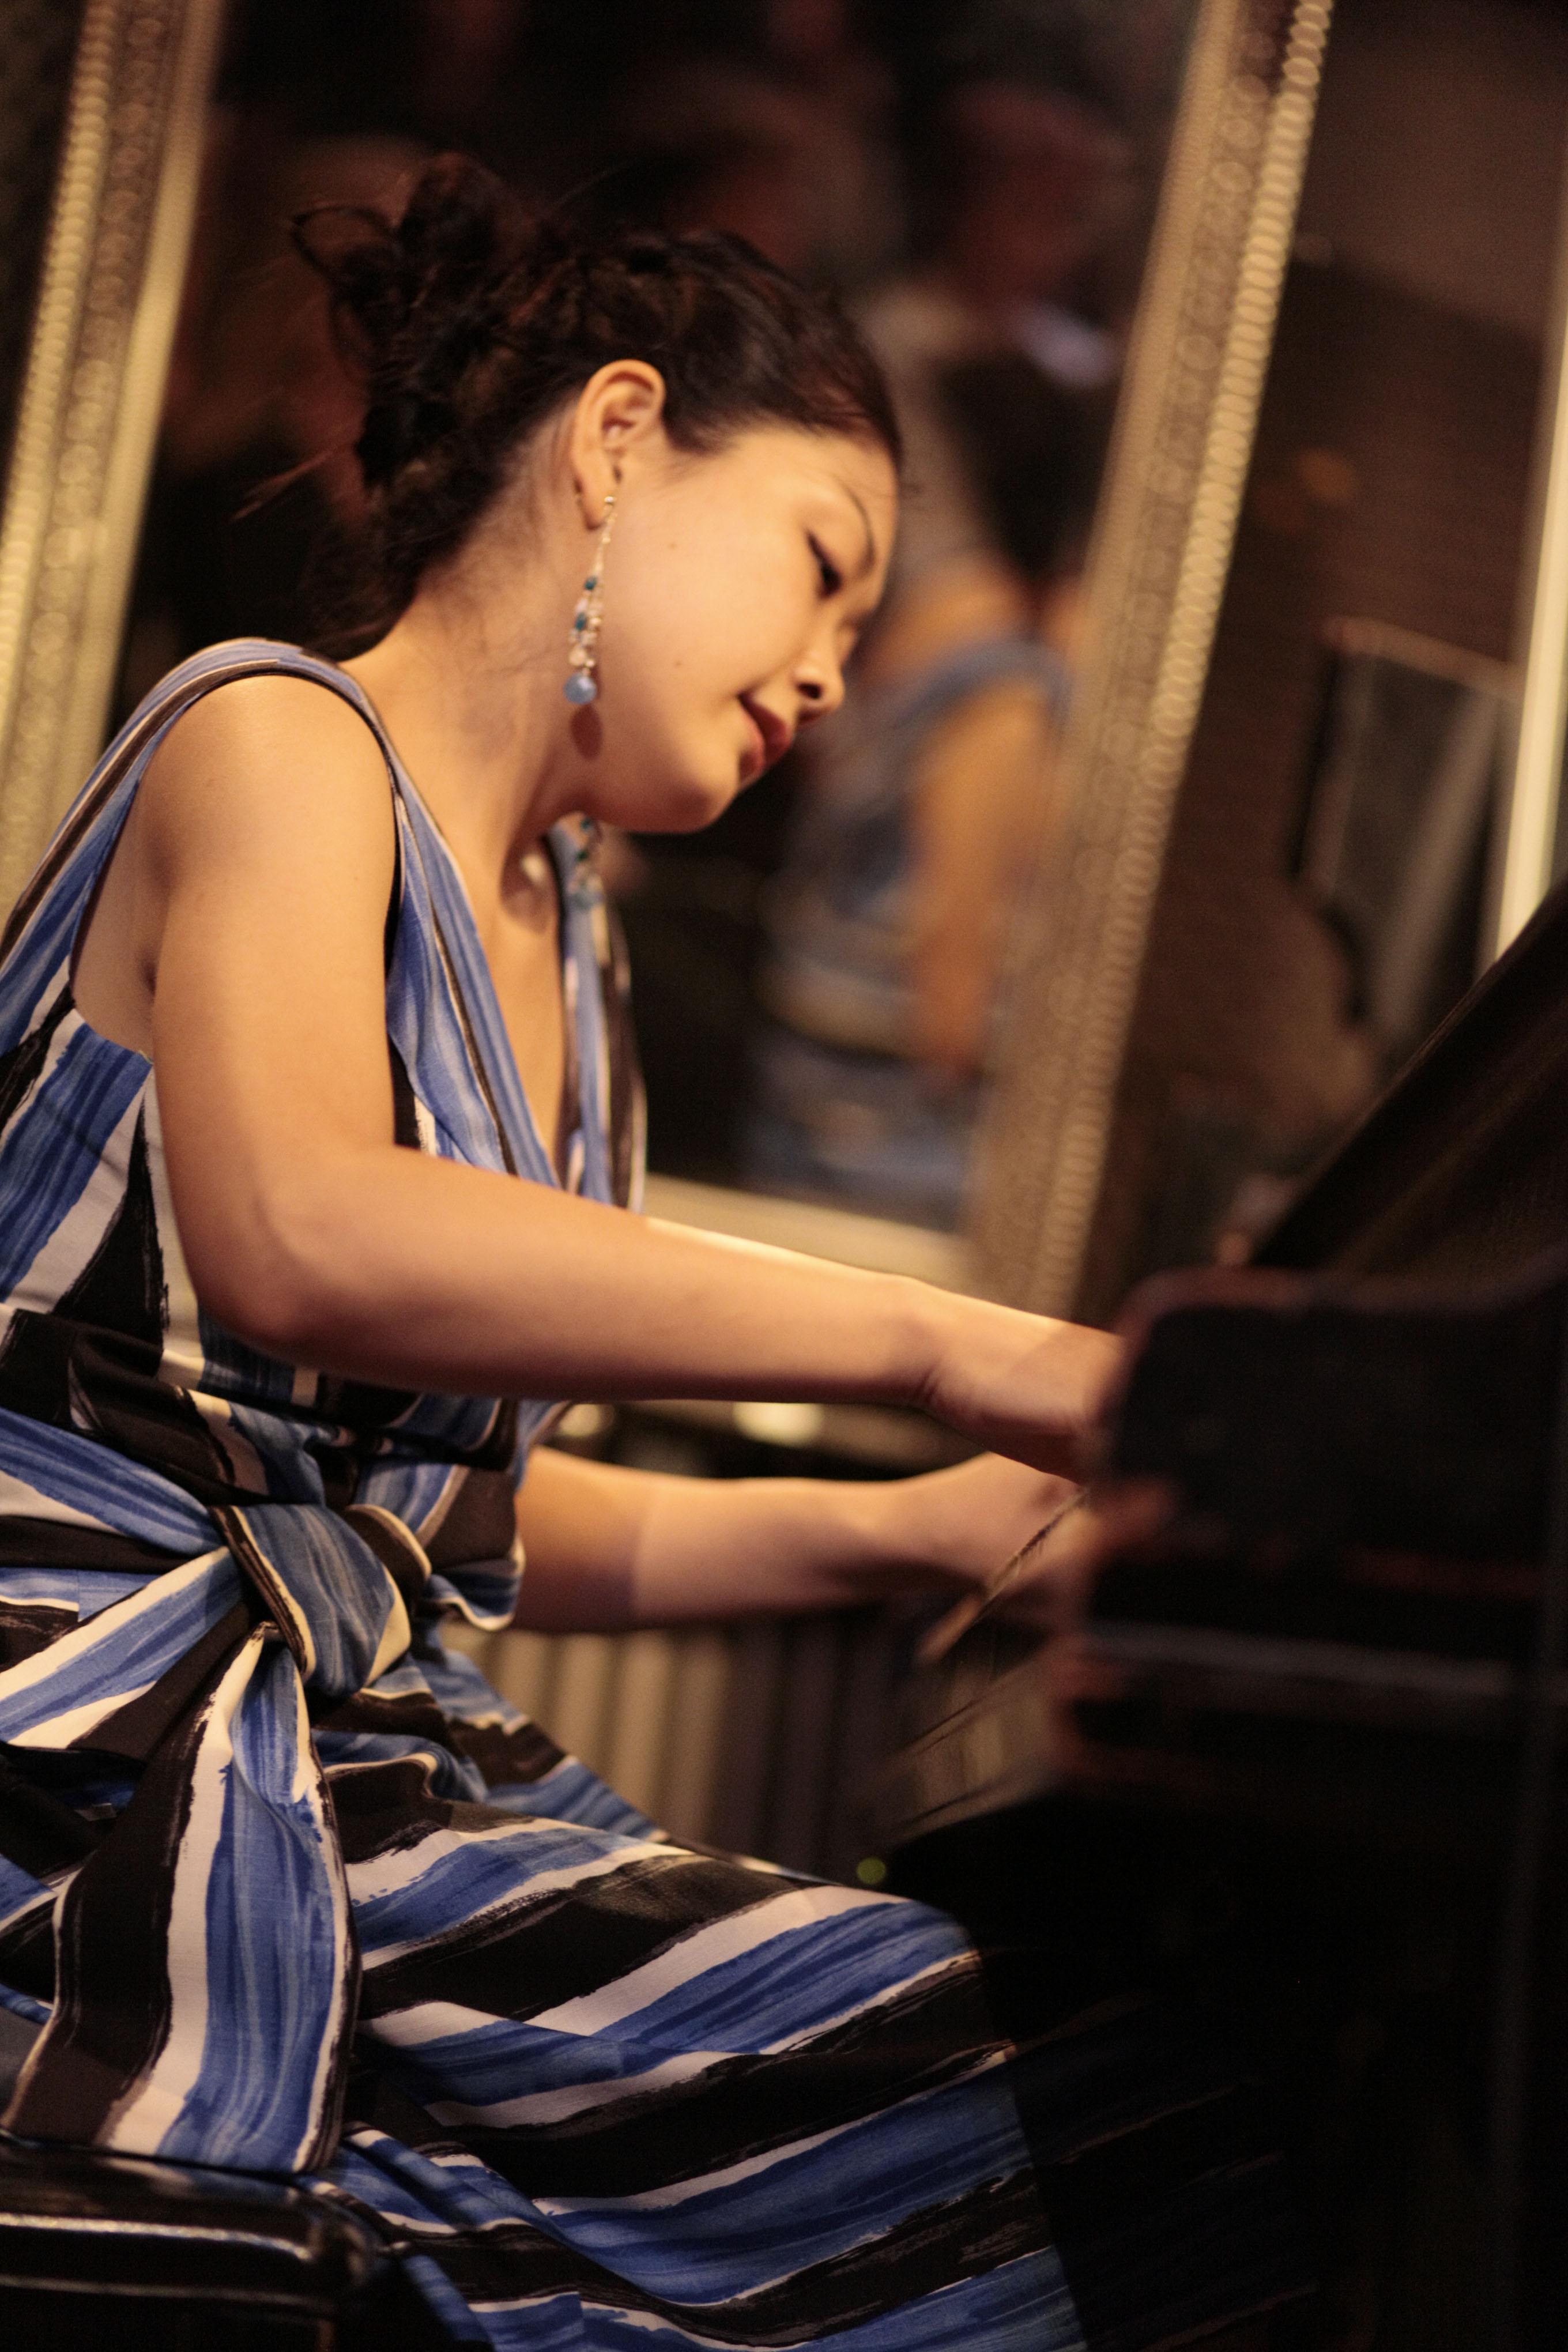 Kyoko Oyobe